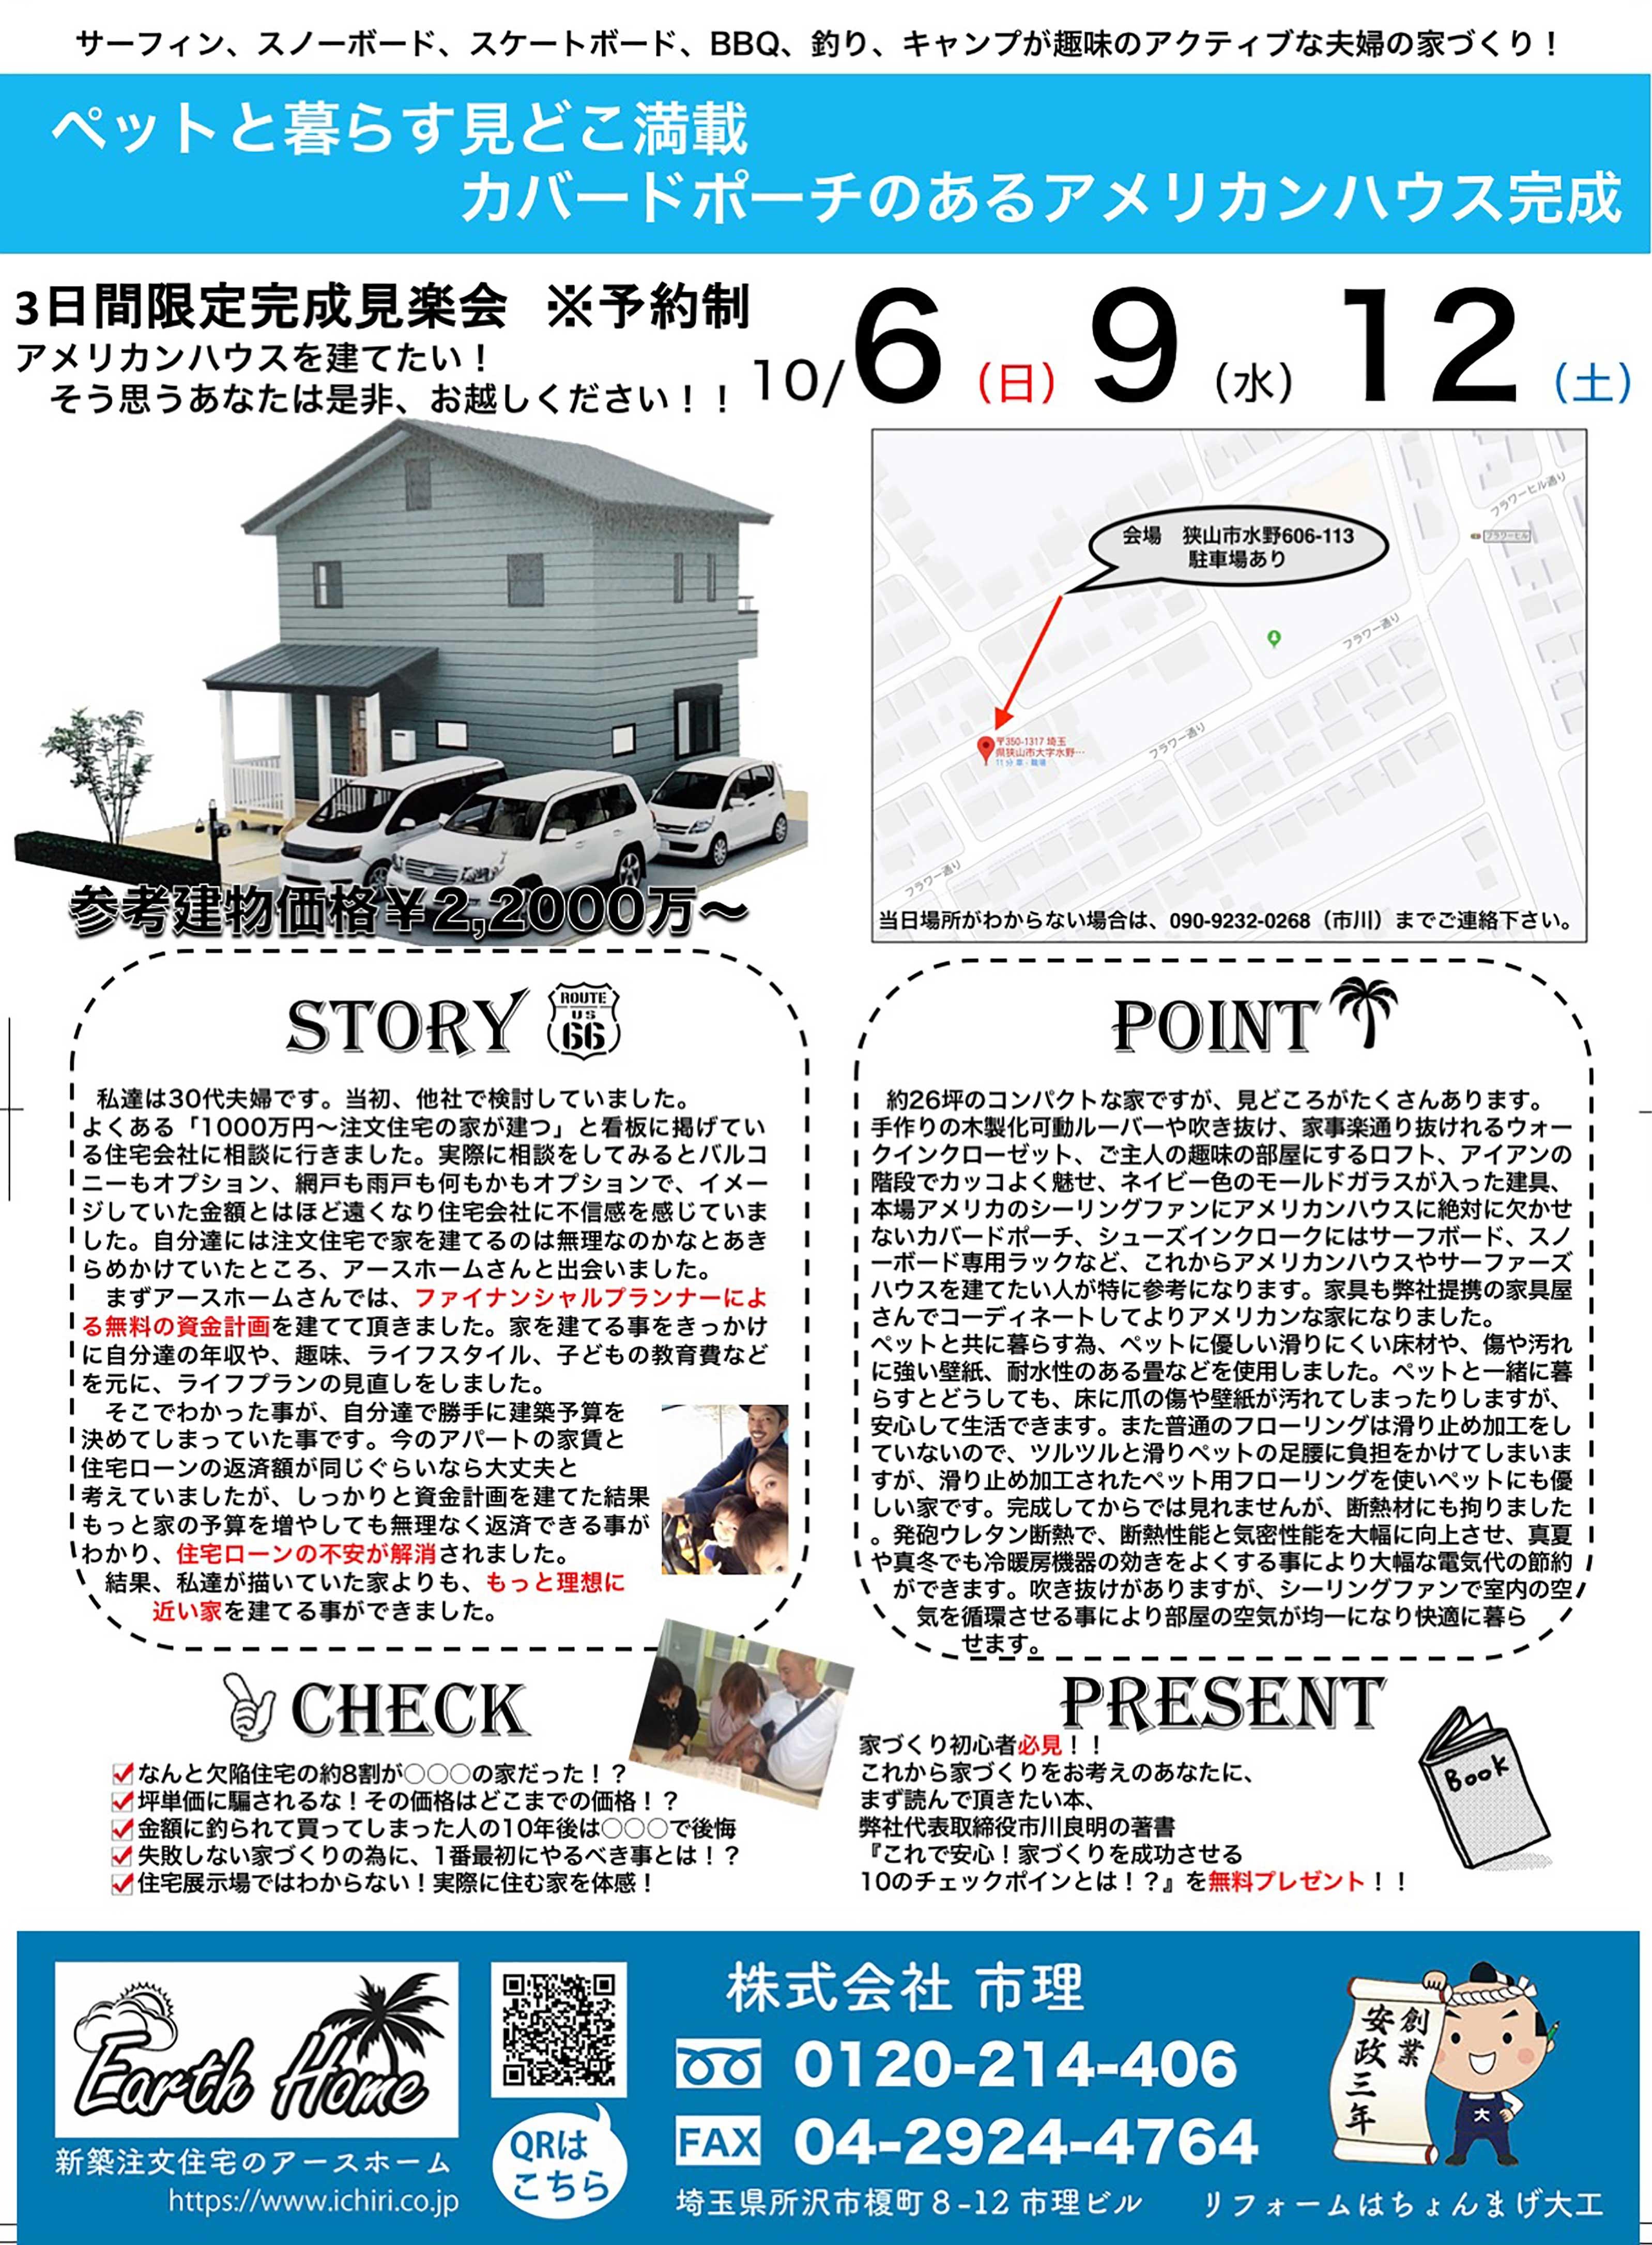 https://www.ichiri.co.jp/web.event.jpg